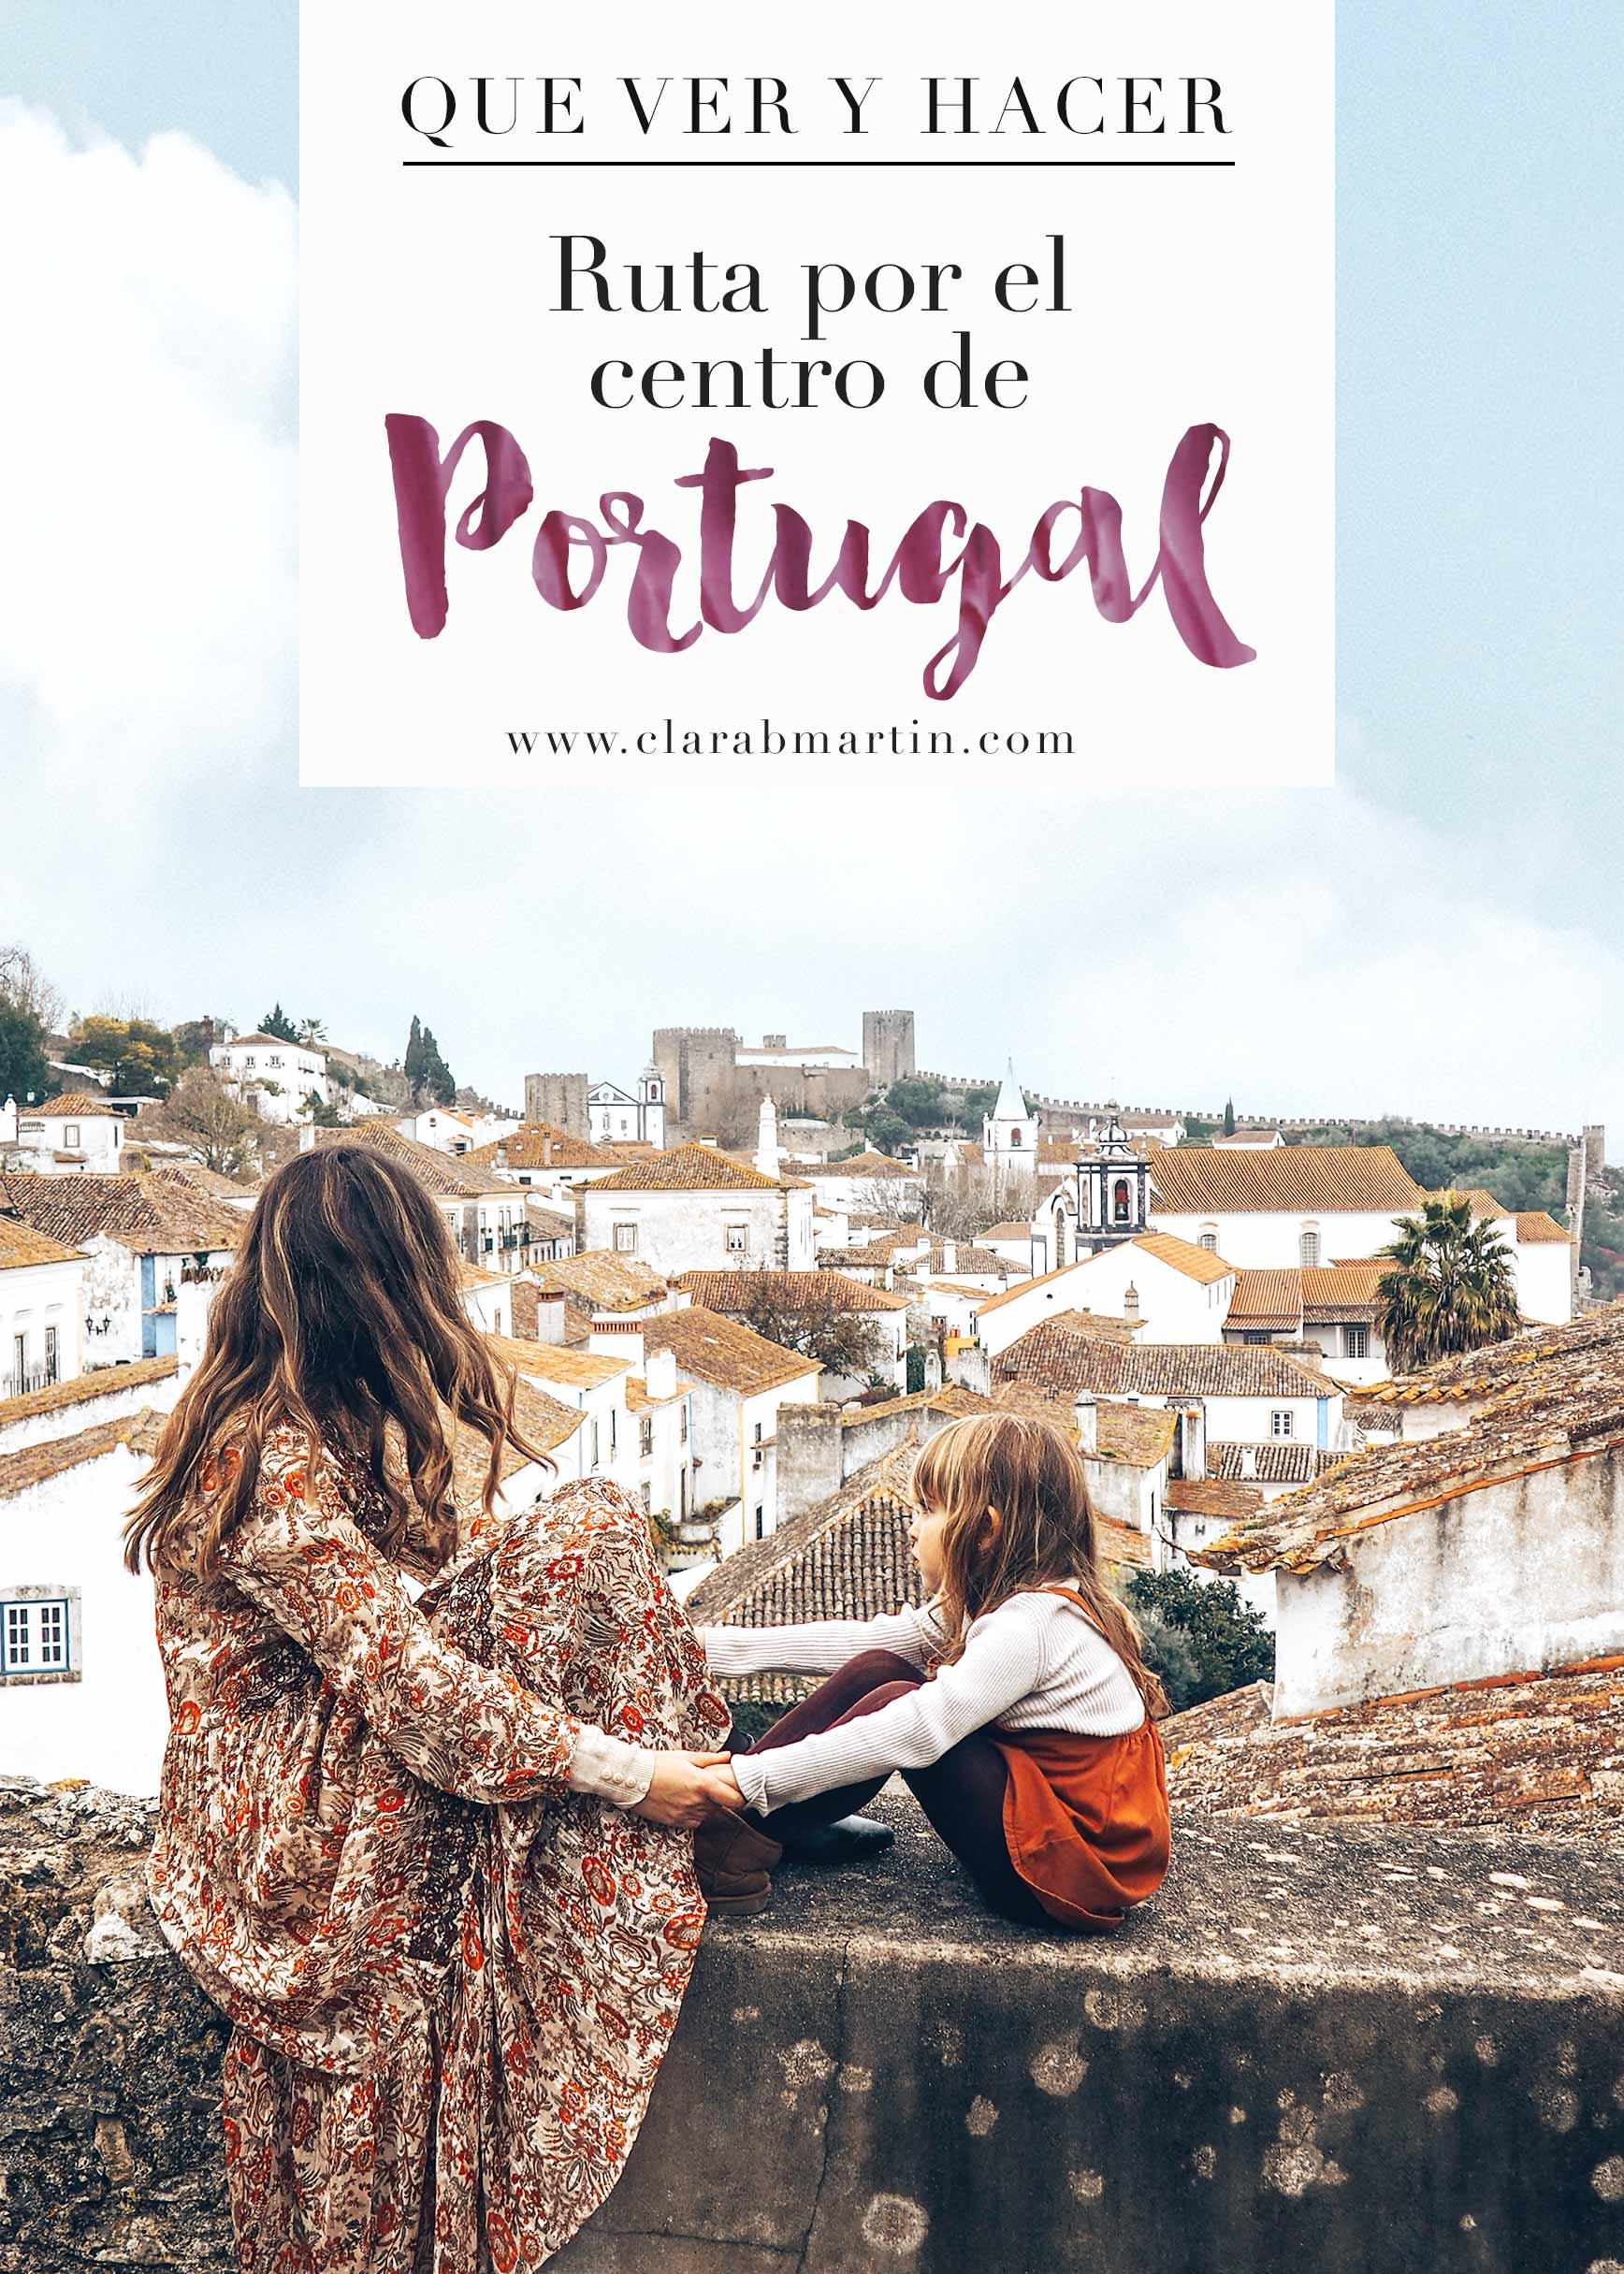 Centro-Portugal-ruta_claraBmartin